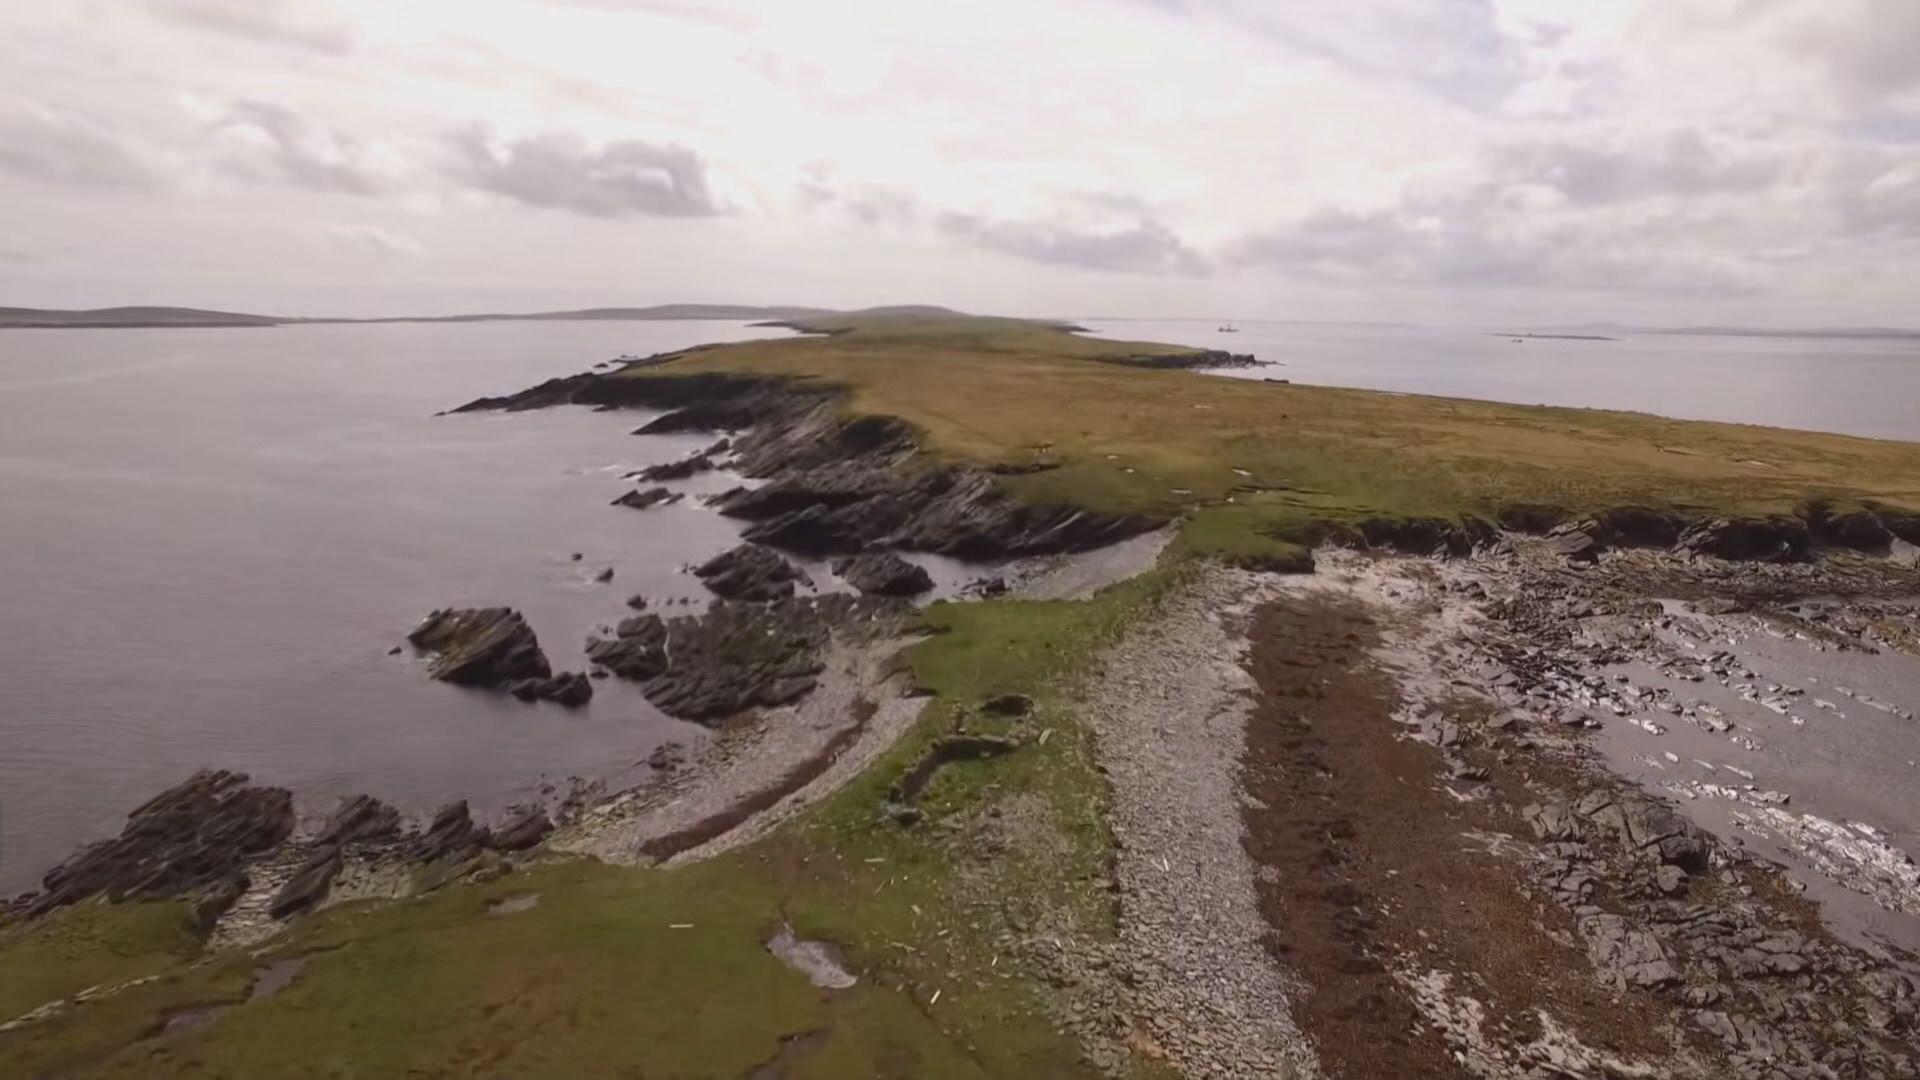 【環球薈報】三個蘇格蘭島標價20萬歐元